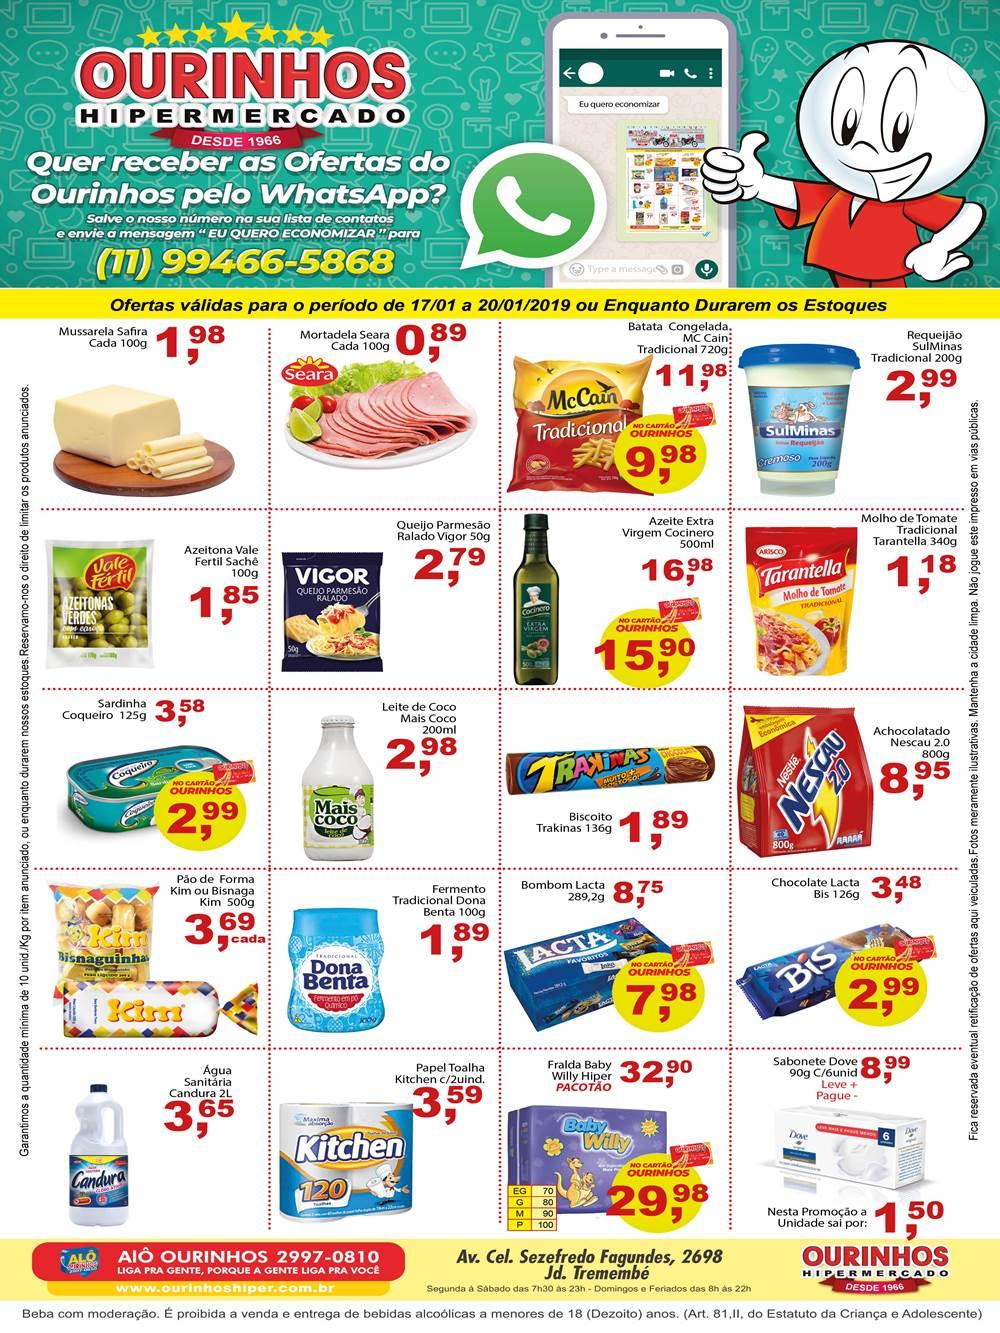 Oferta-Ourinhos1 Ofertas de Supermercados - Economize!